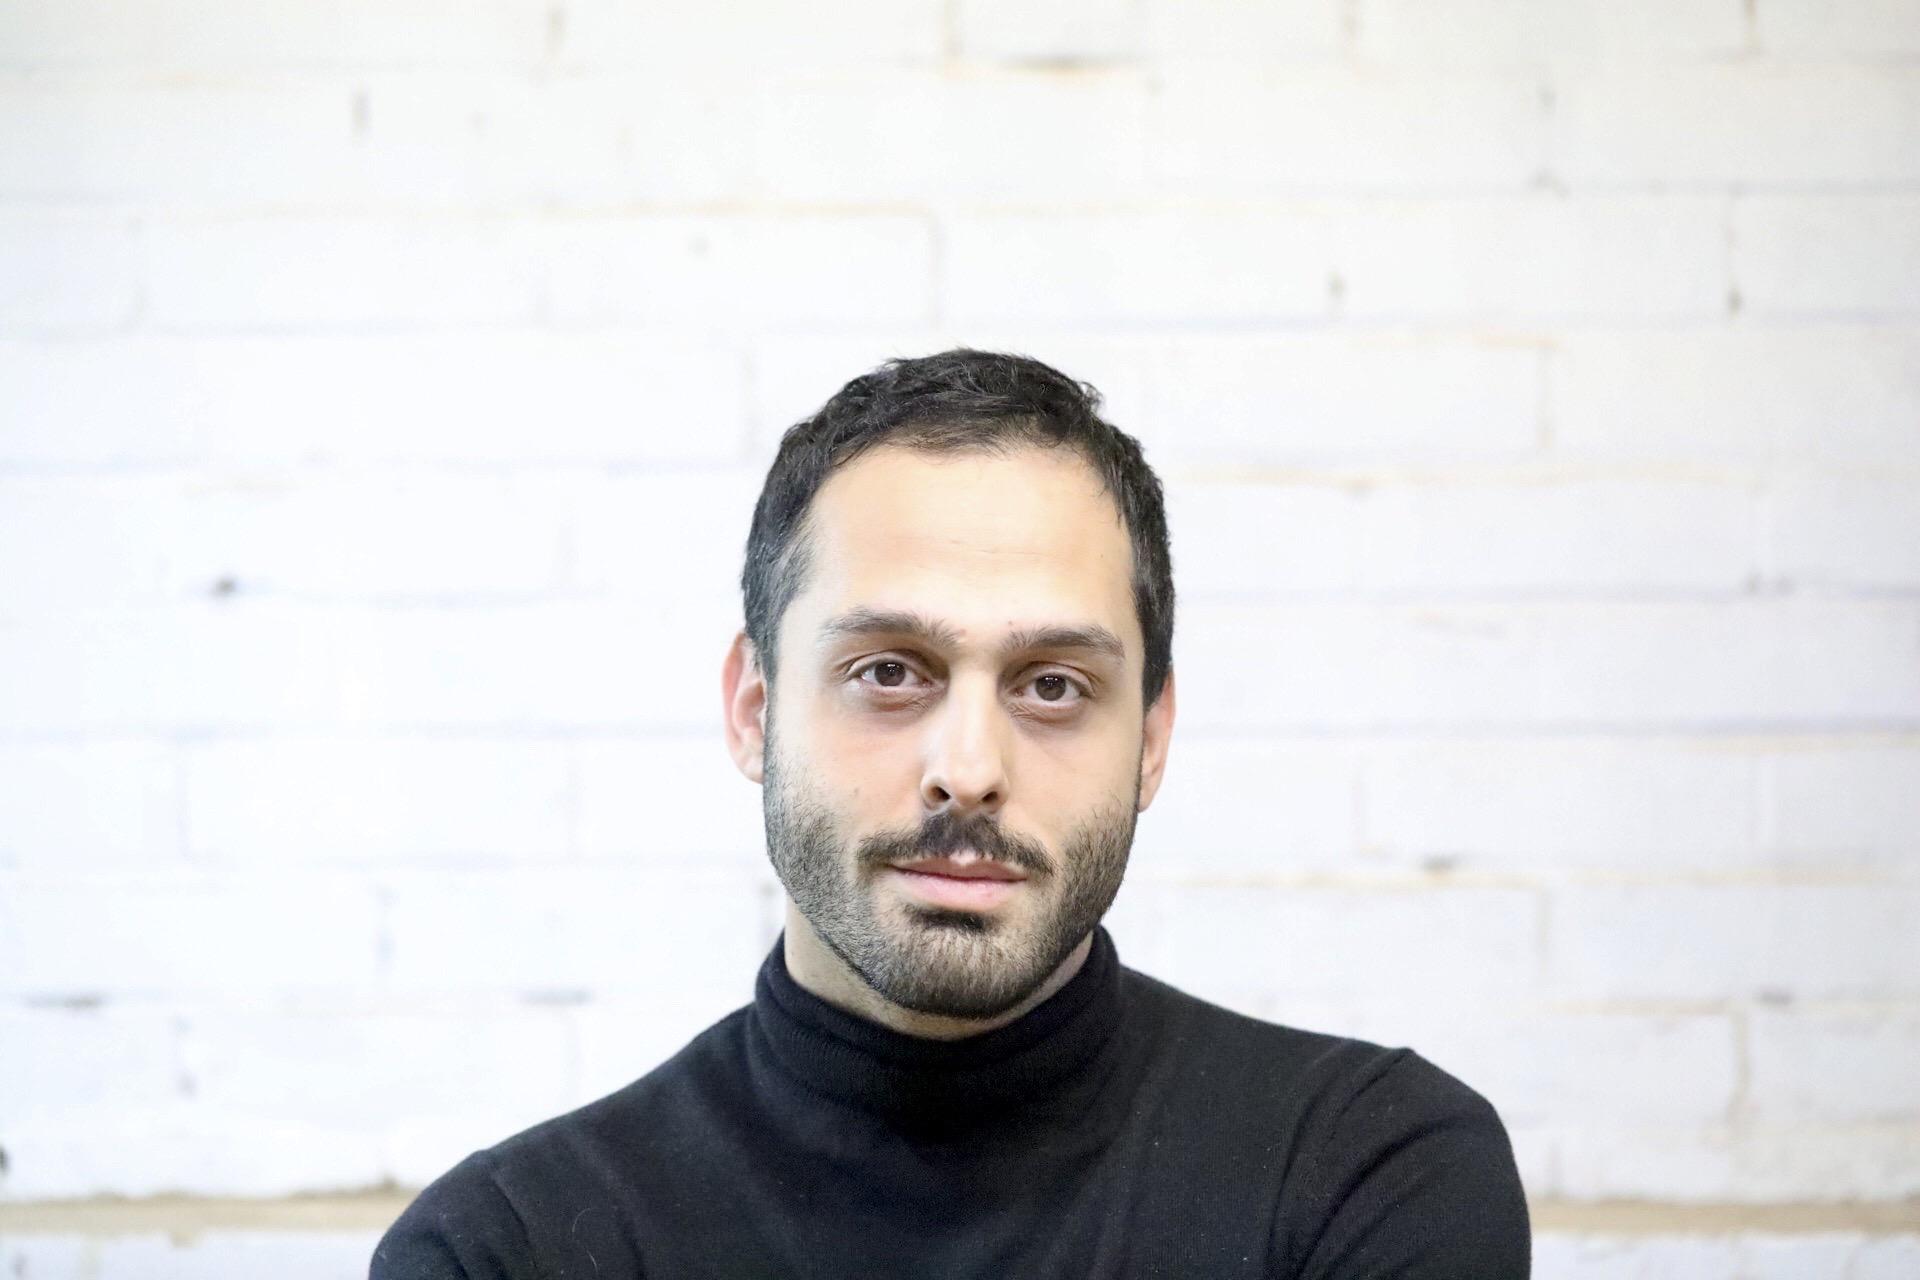 Abdollah Nafisi